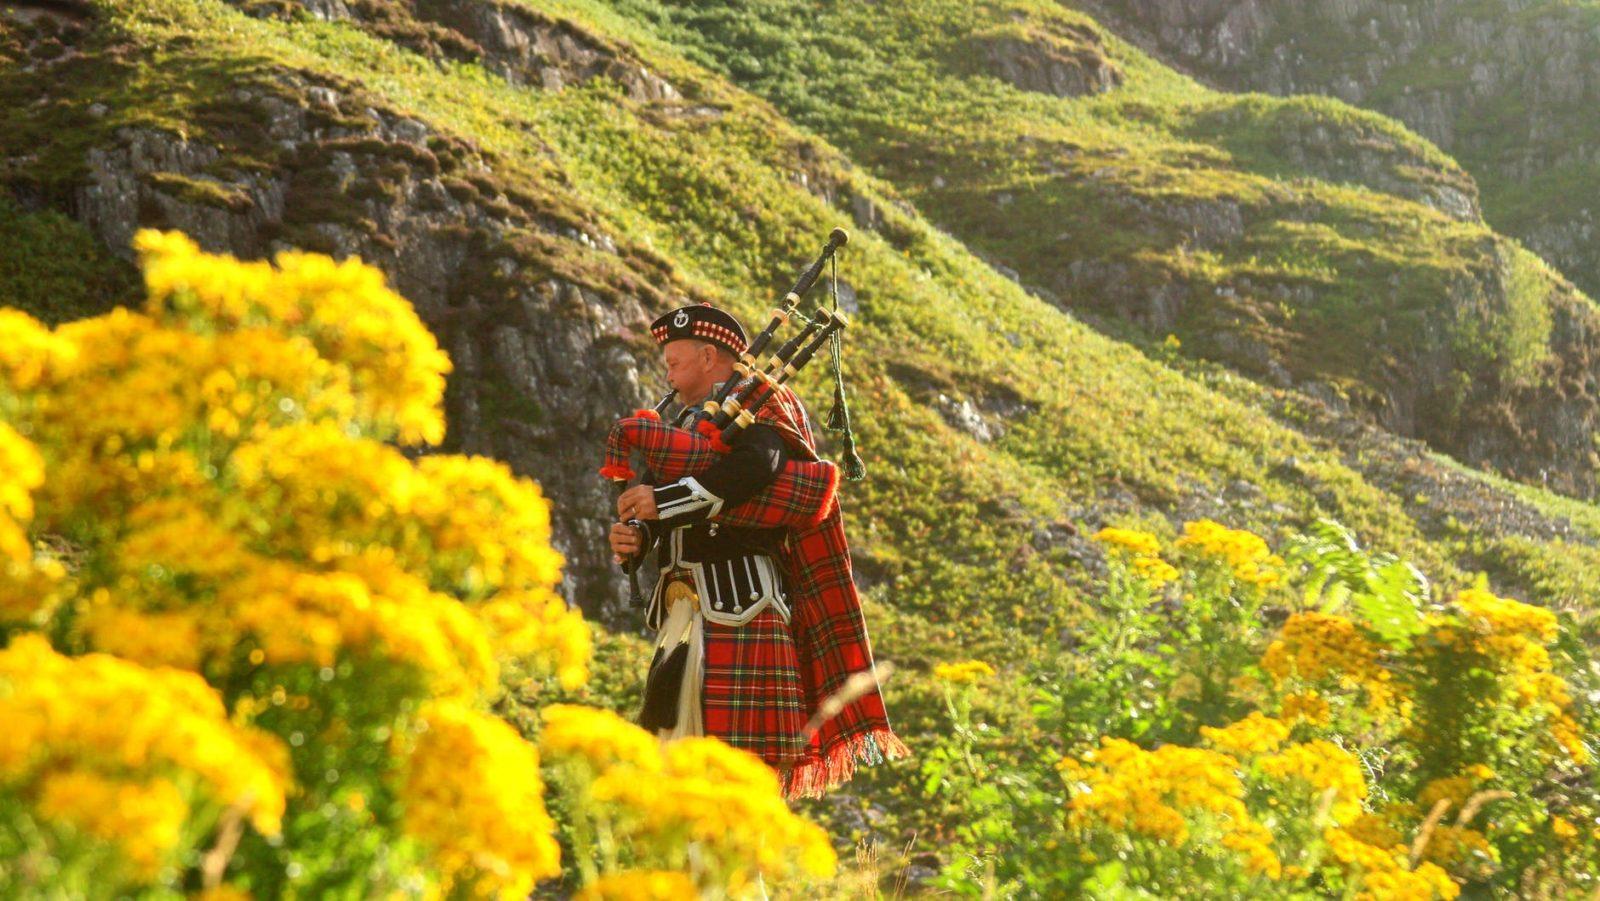 İskoçlar ve İskoçya Hakkında İlginç Bilgiler